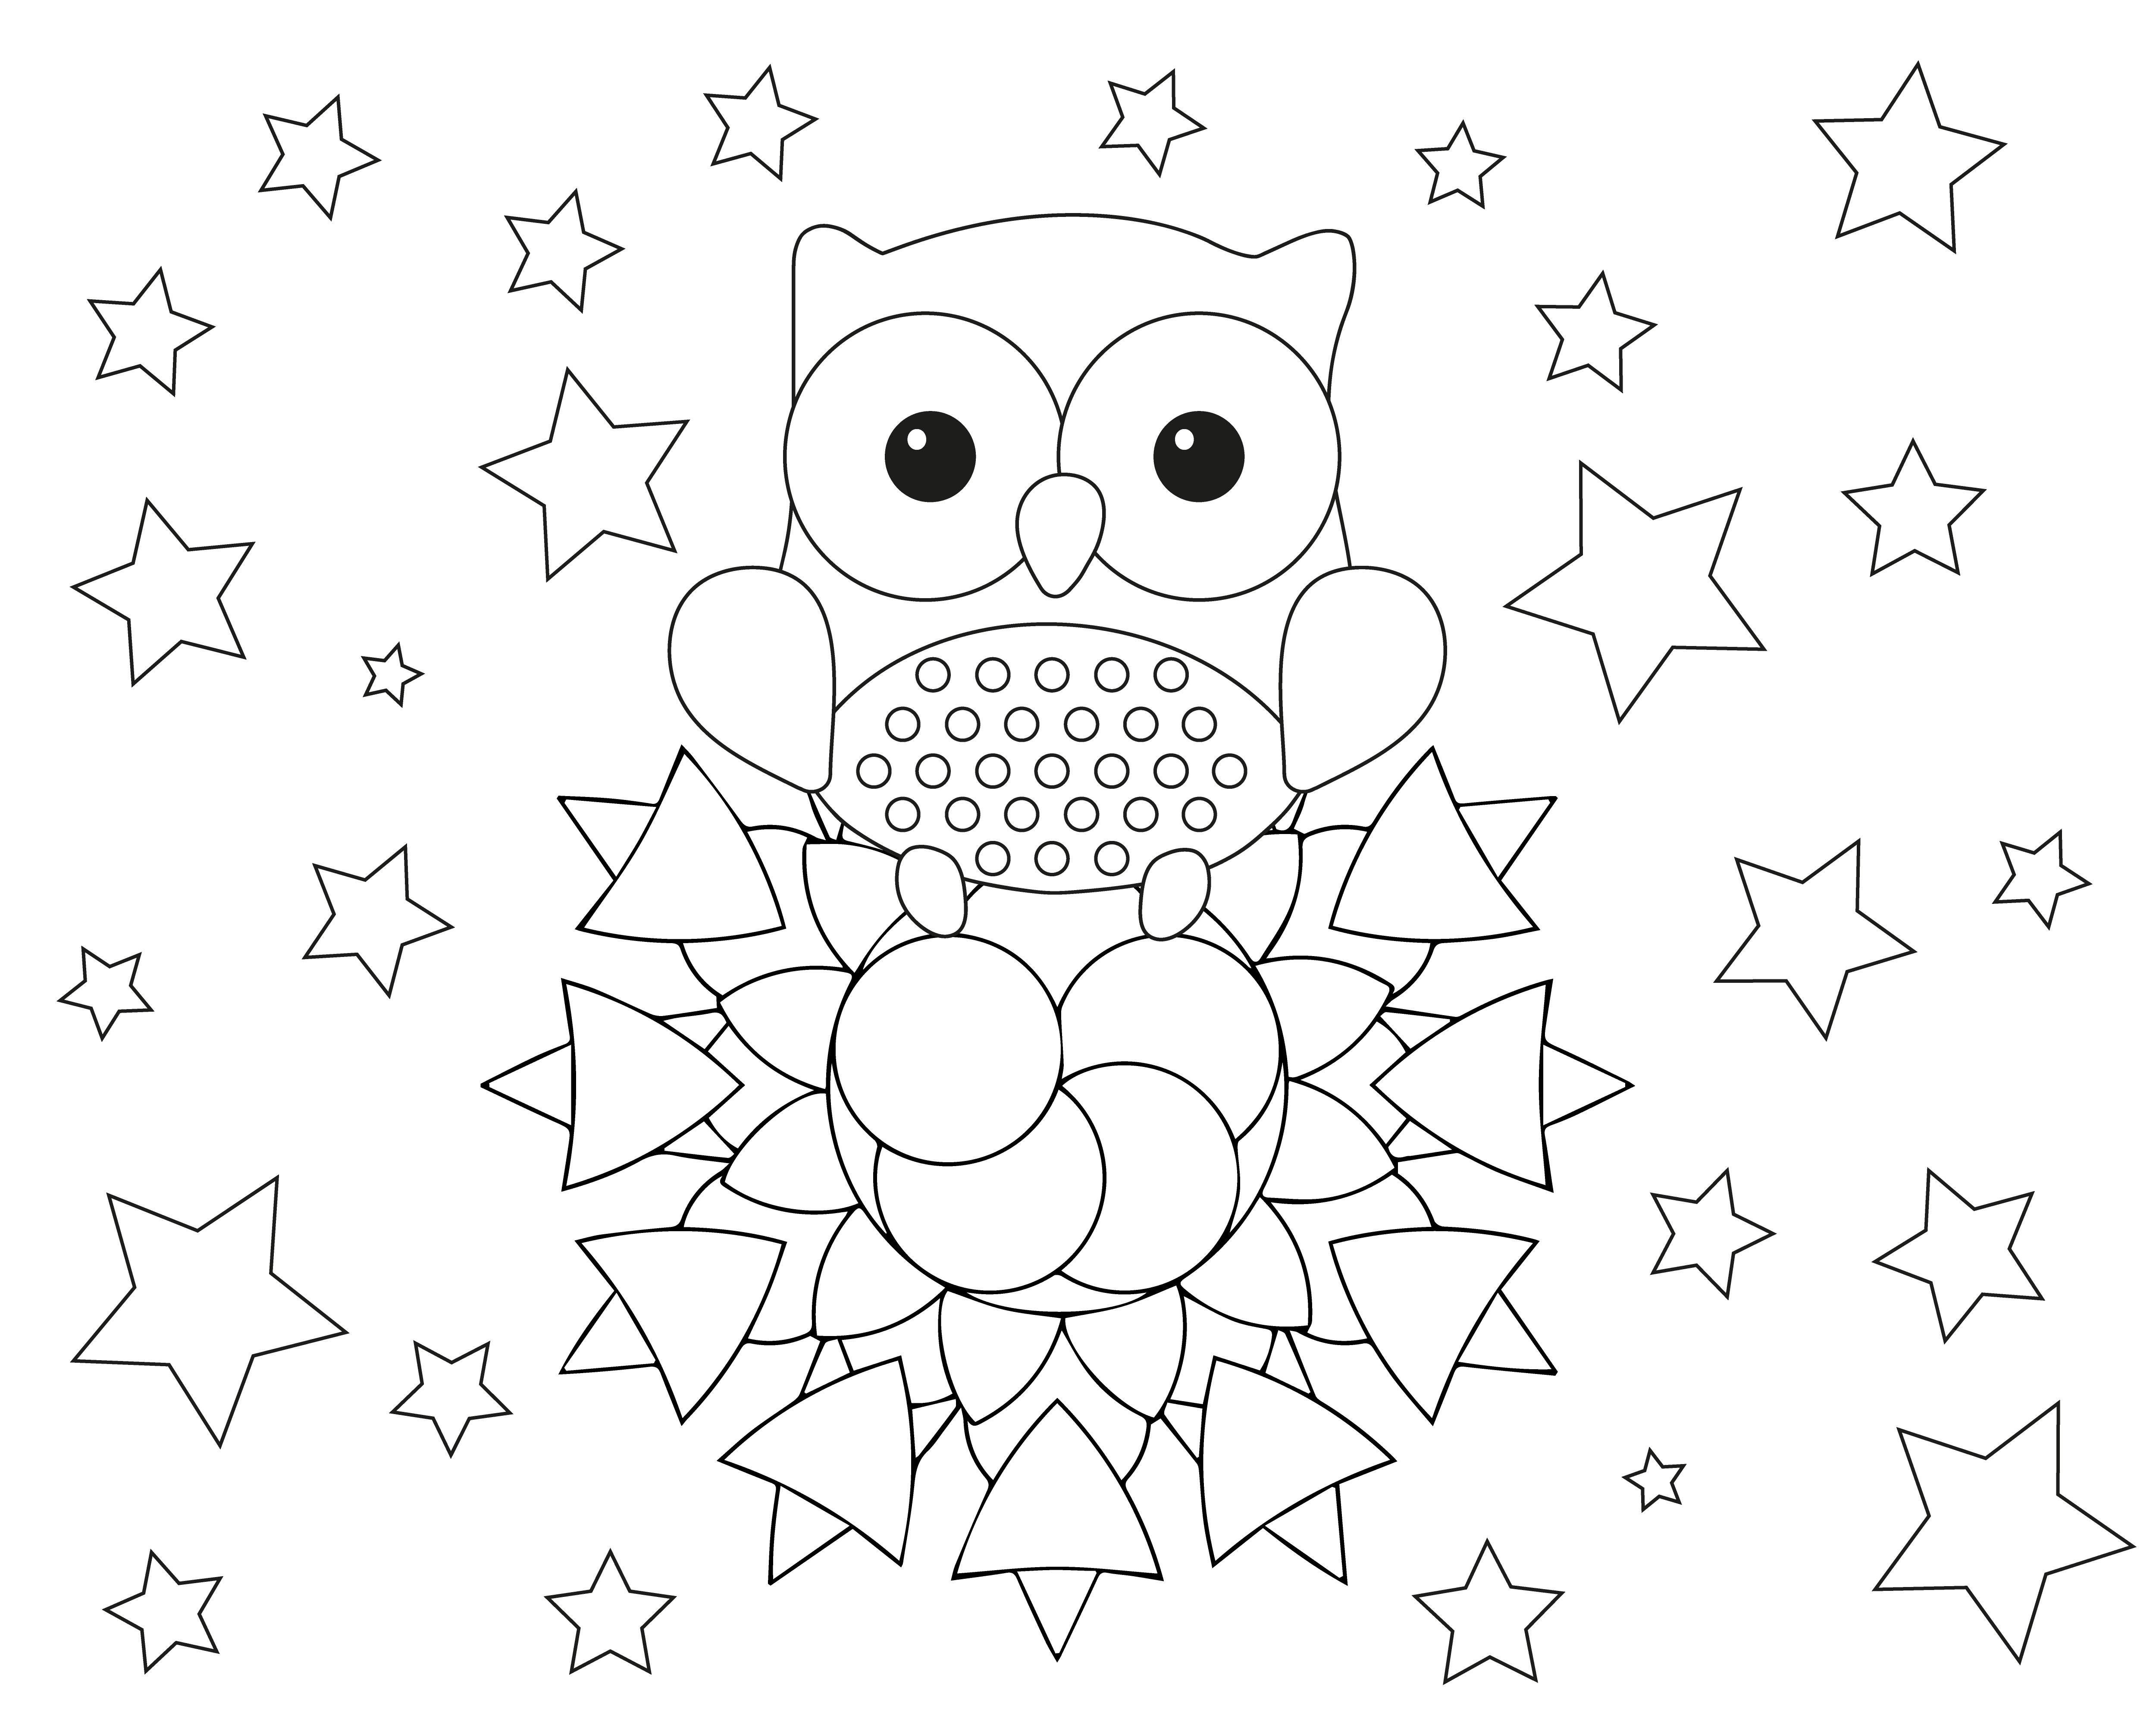 Dibujos De Mandalas Para Colorear Para Ninos: Mandalas Infantiles Para Colorear